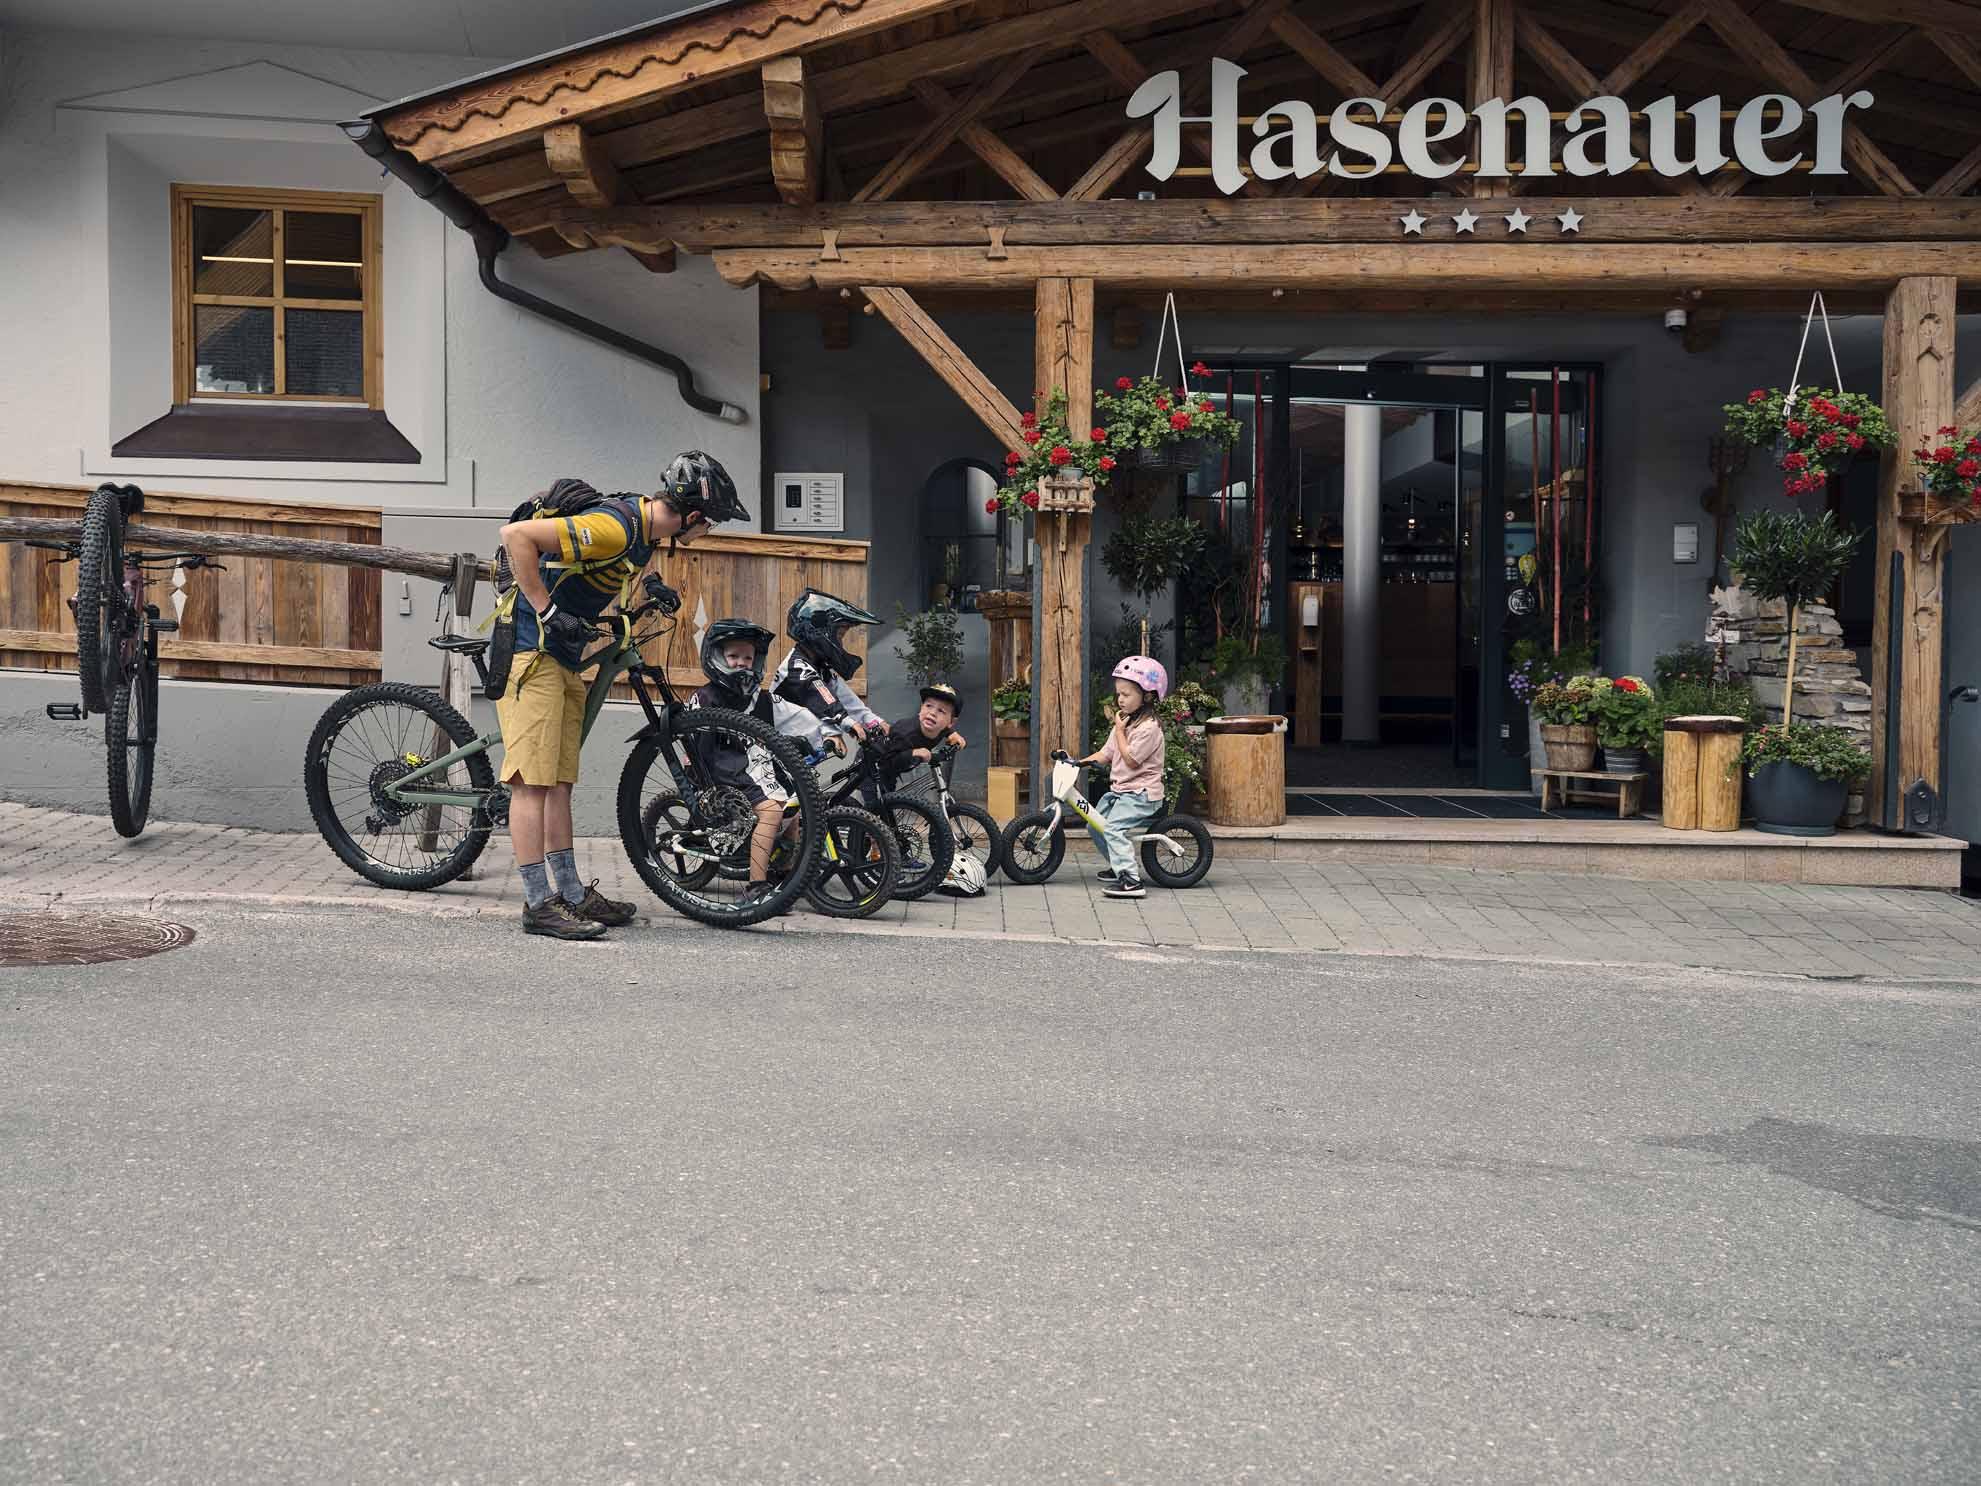 Ein Erwachsener Bike und Kinder mit Bike stehen vor dem Hotel Hasenauer